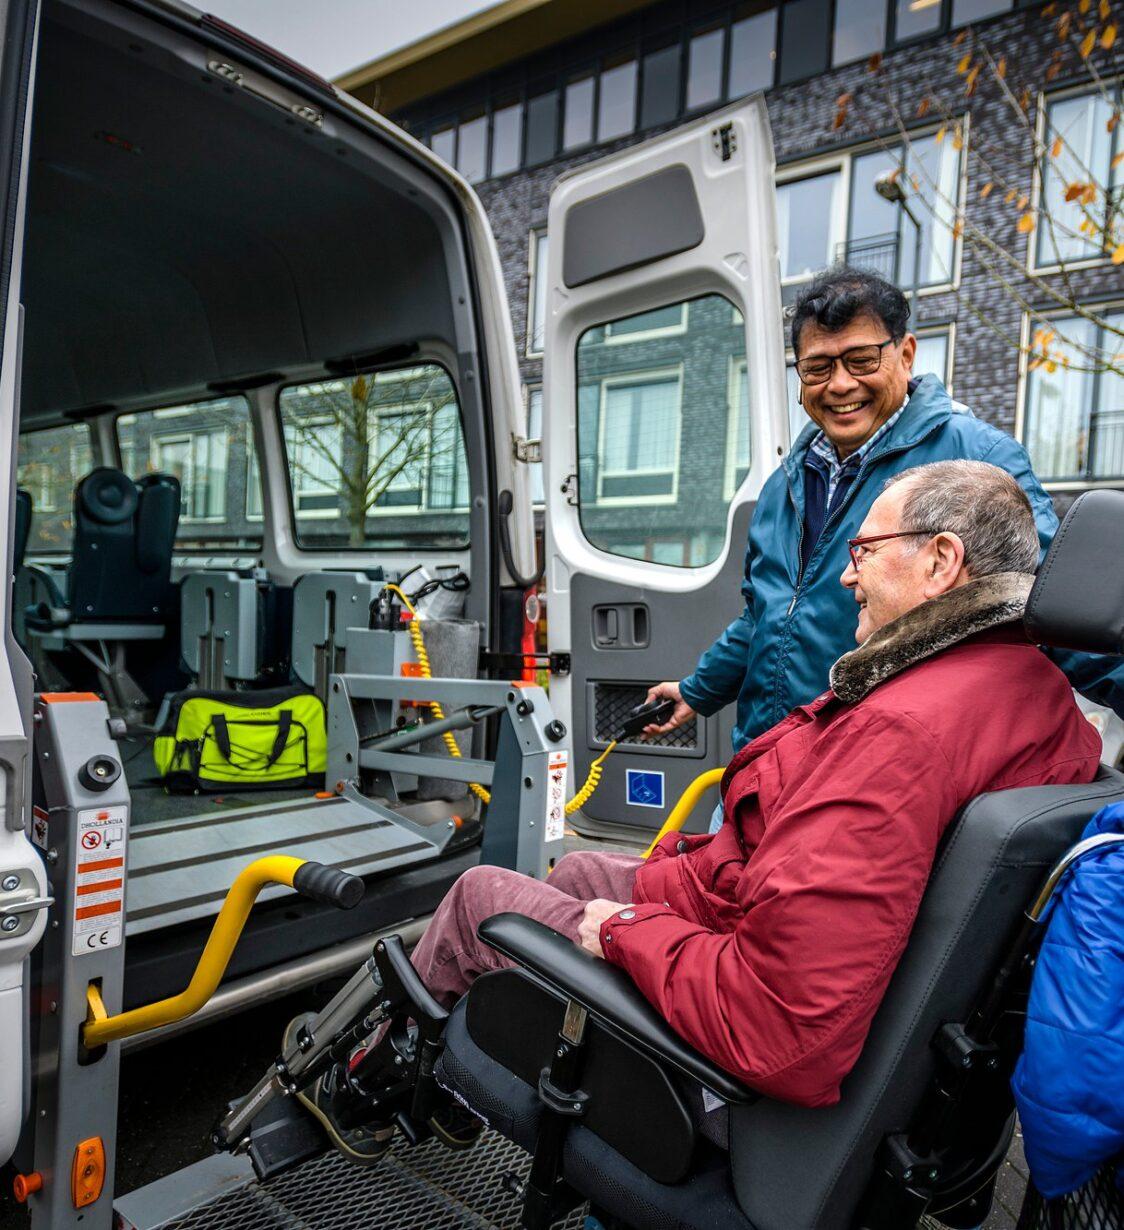 SVRZ Dagbehandeling Ter Valcke clienten vervoer